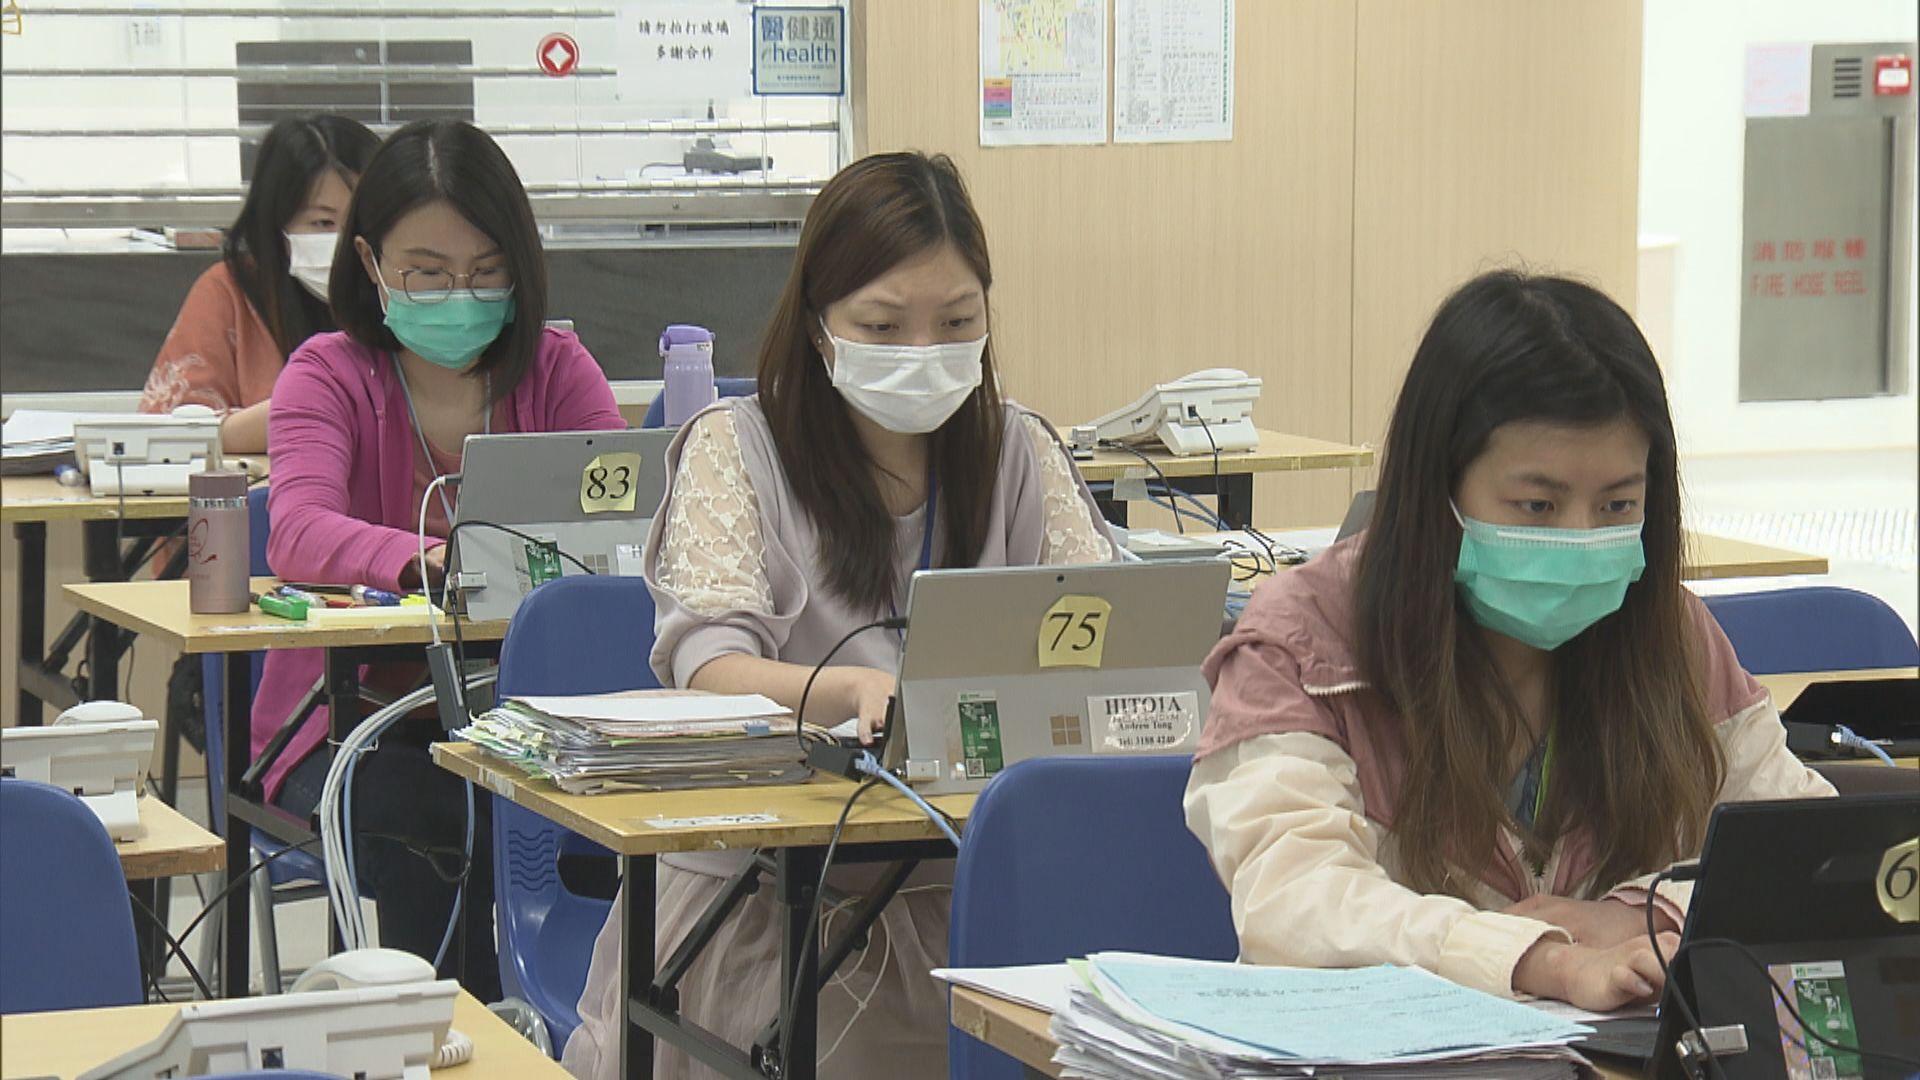 【新型肺炎】衞生署熱線中心一月至今處理逾廿萬求助